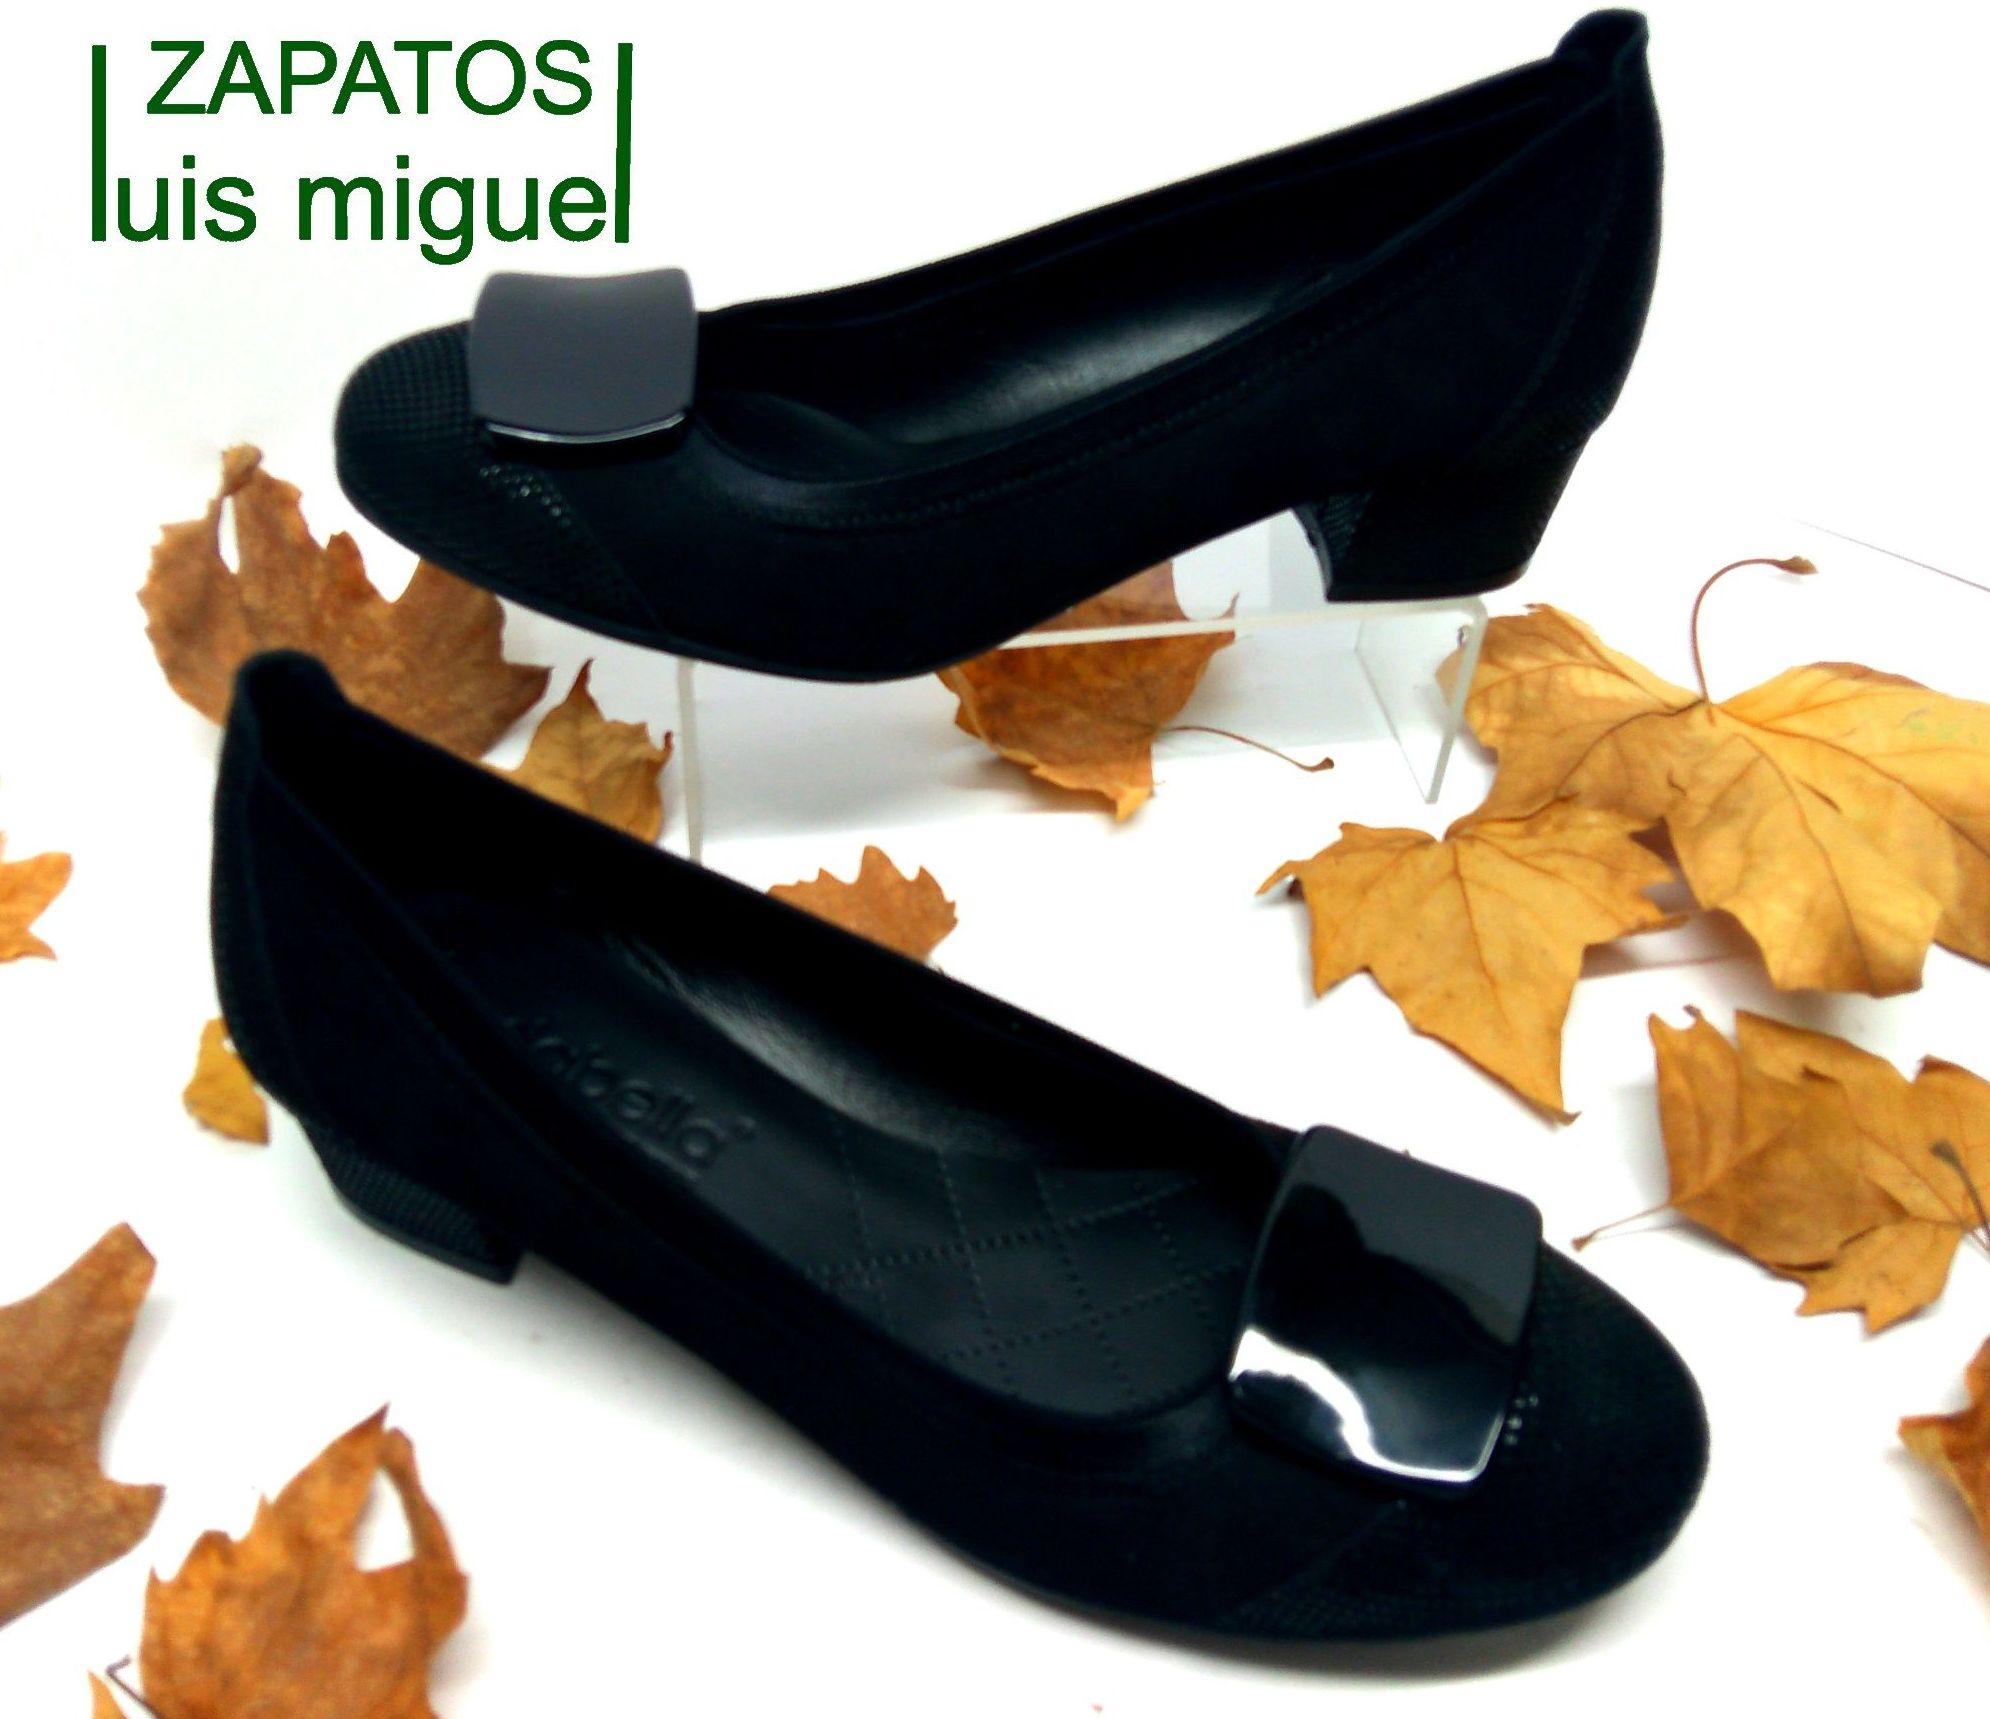 zapato de salon con adorno: Catalogo de productos de Zapatos Luis Miguel